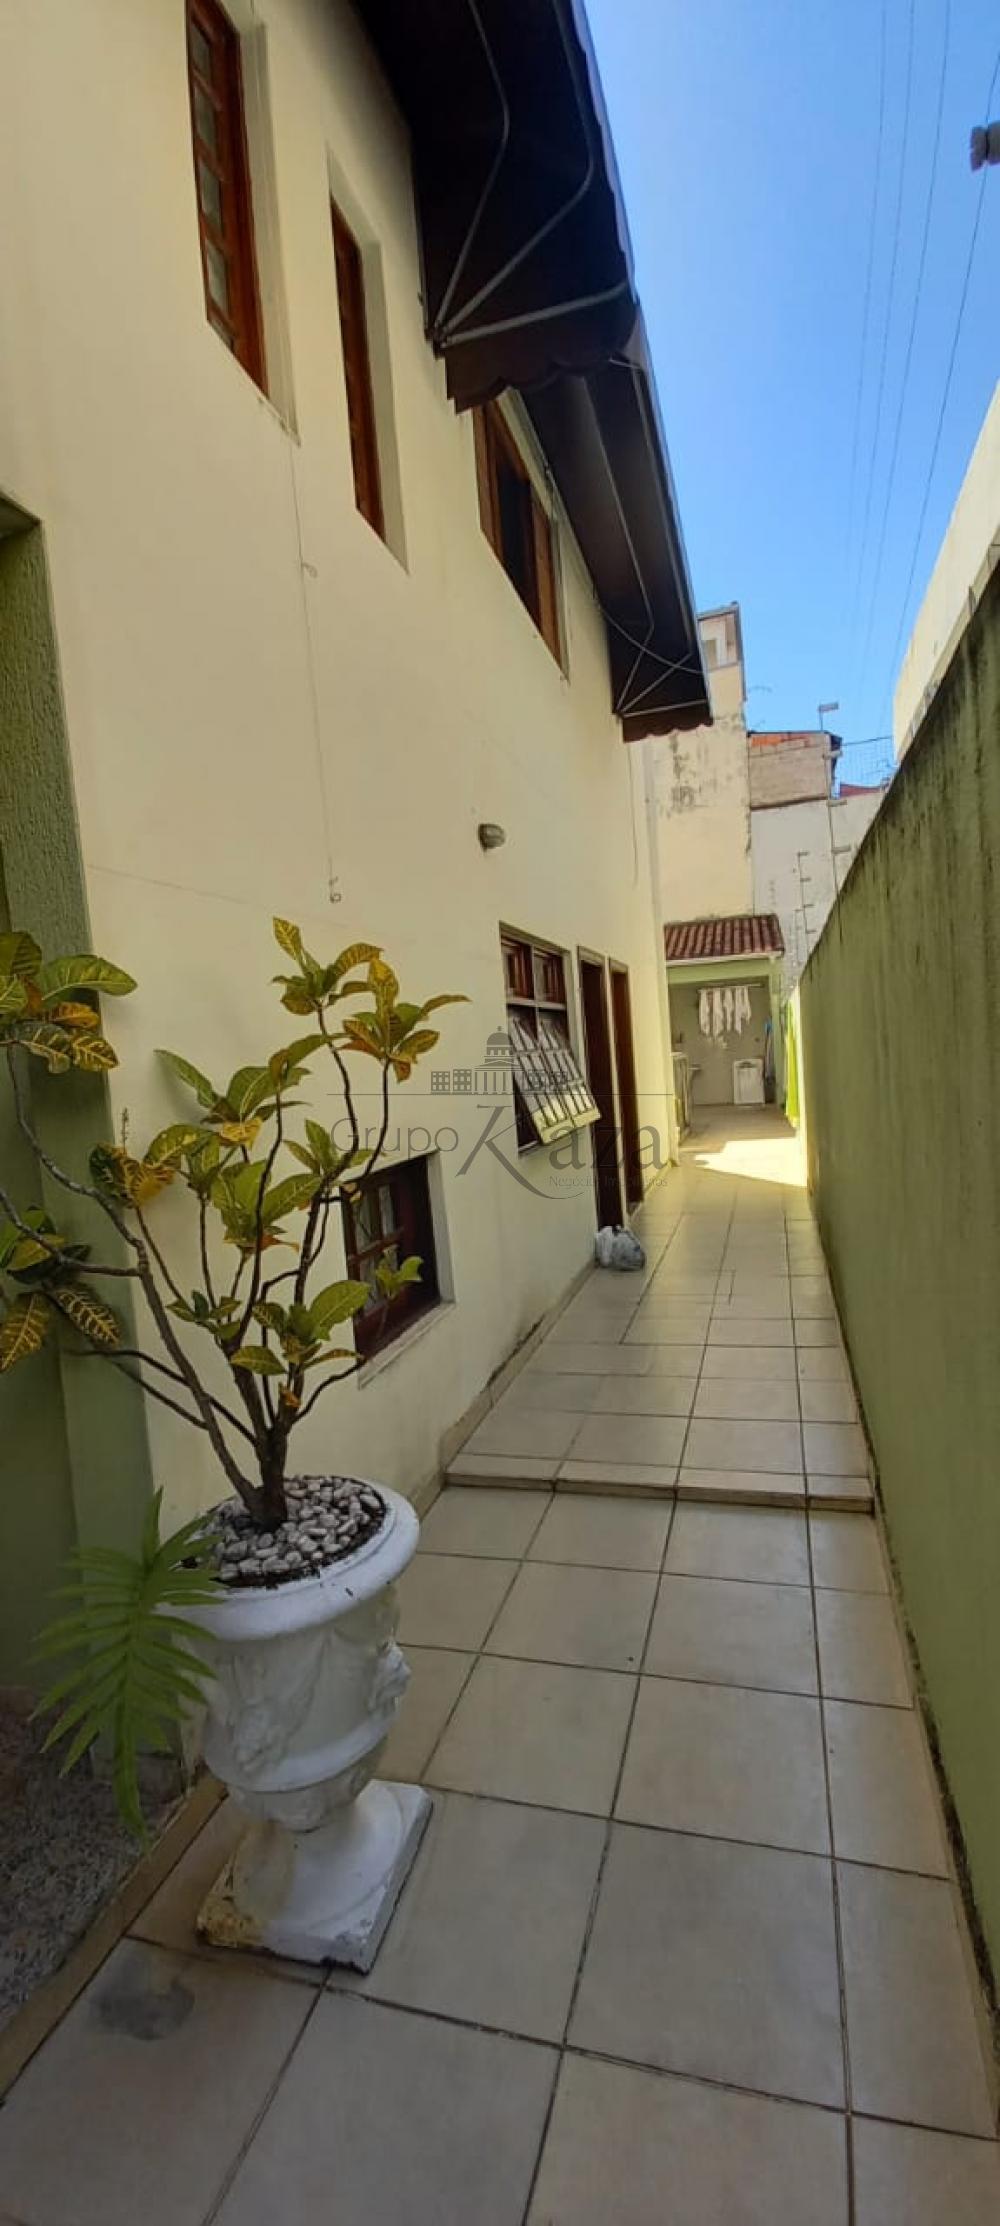 alt='Comprar Casa / Comercial / Residencial em São José dos Campos R$ 1.500.000,00 - Foto 31' title='Comprar Casa / Comercial / Residencial em São José dos Campos R$ 1.500.000,00 - Foto 31'